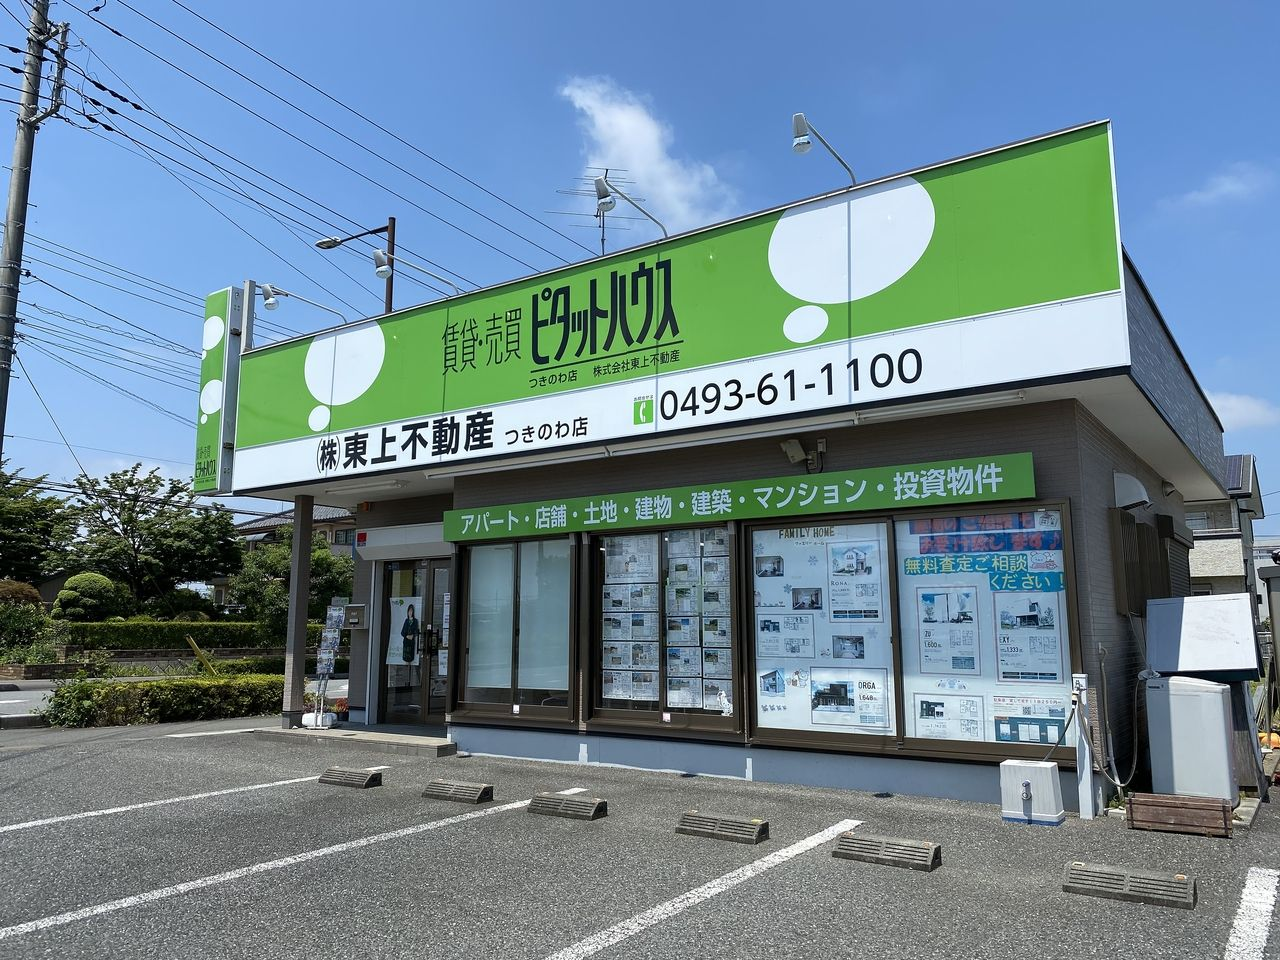 7/20ピタットハウスつきのわ店リニューアルOPEN!